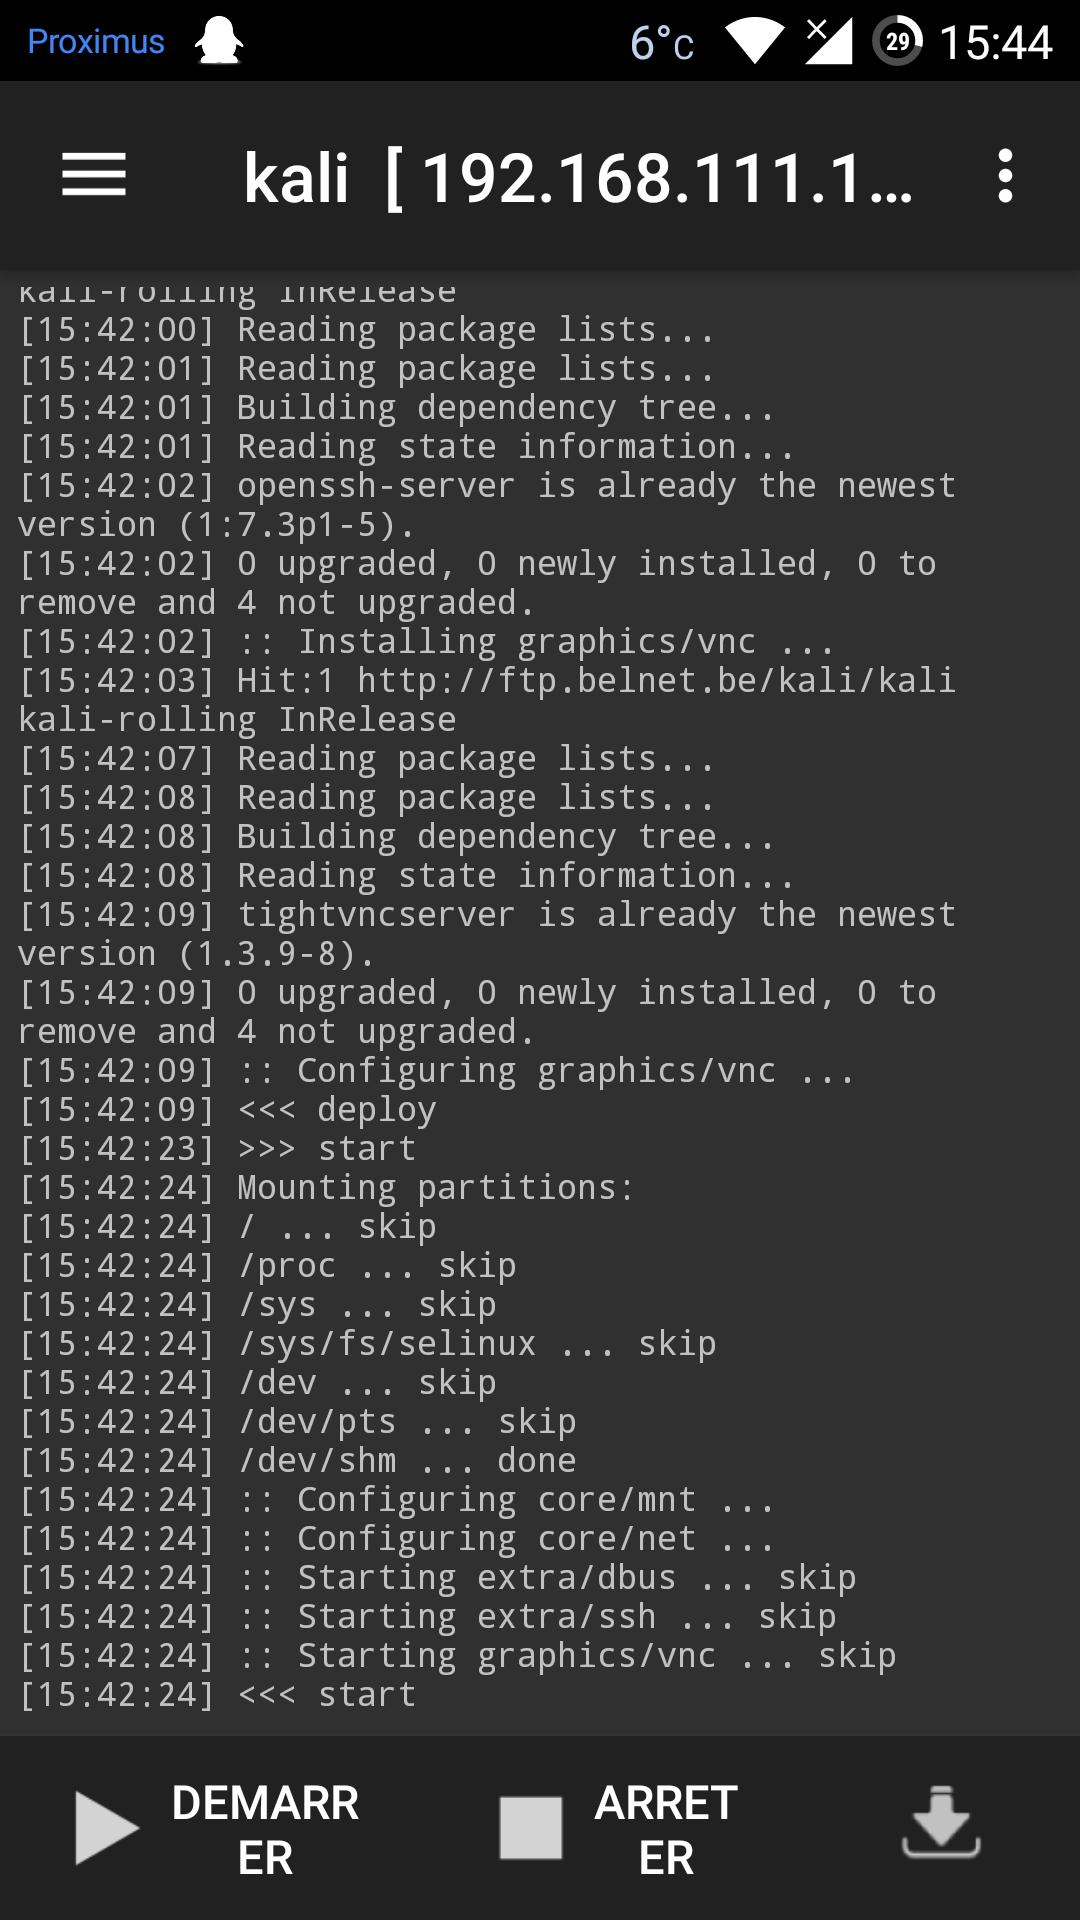 comment installer l'application sur Kali Linux par défaut